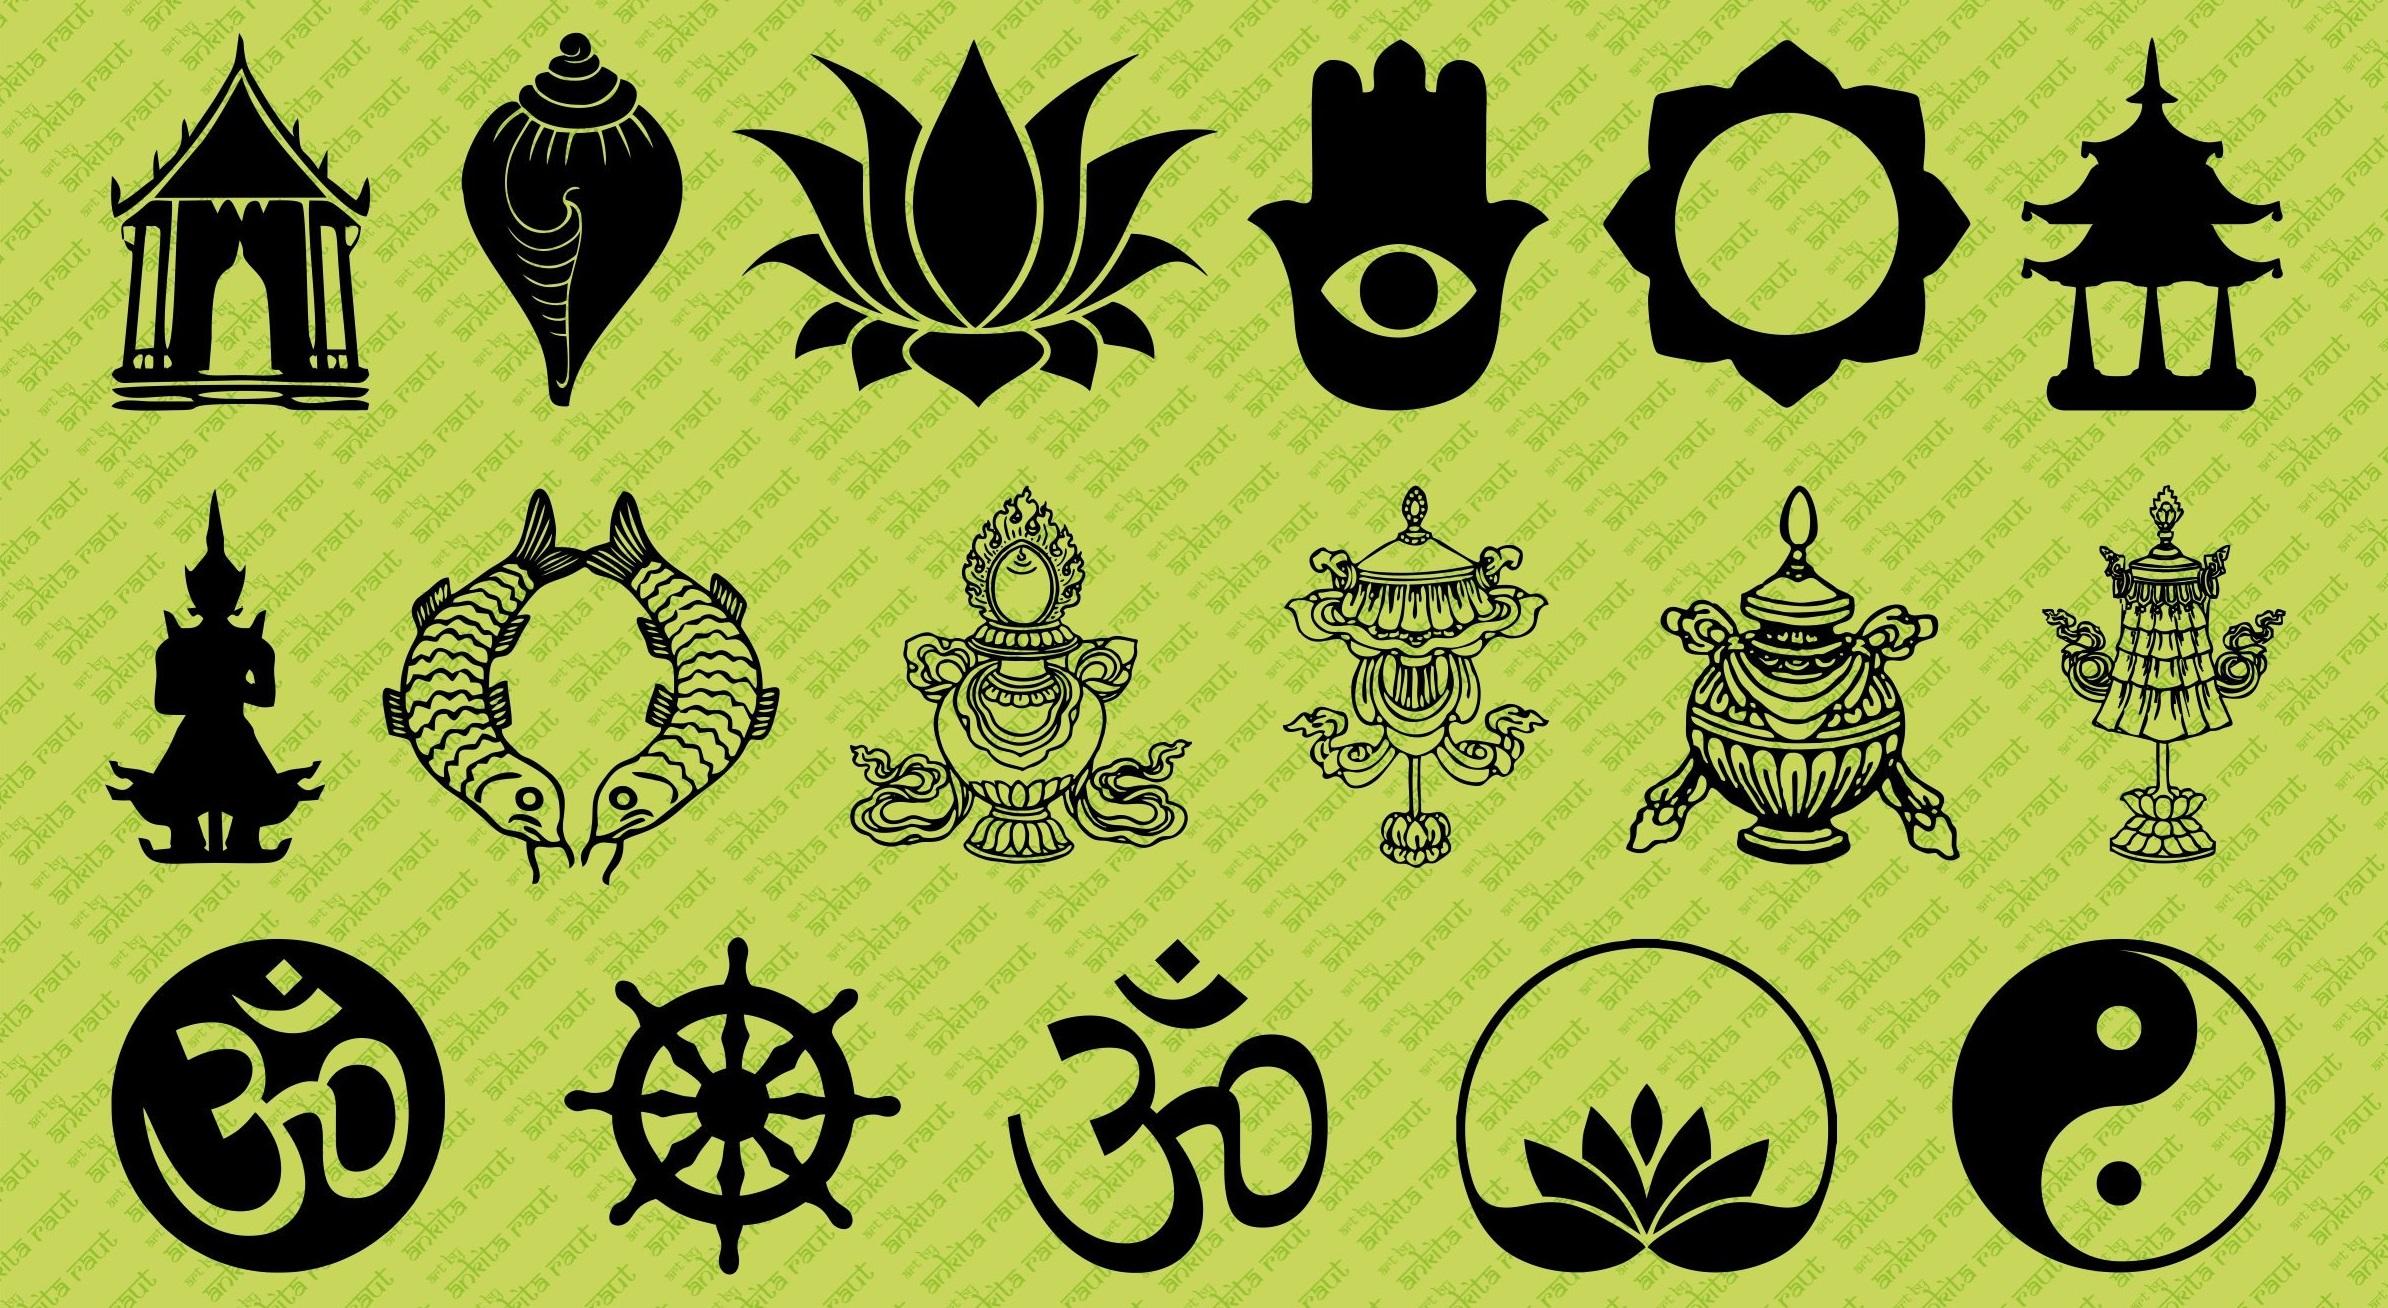 Bouddha Rieur Signification Position symboles bouddhistes - signification des symboles du bouddhisme